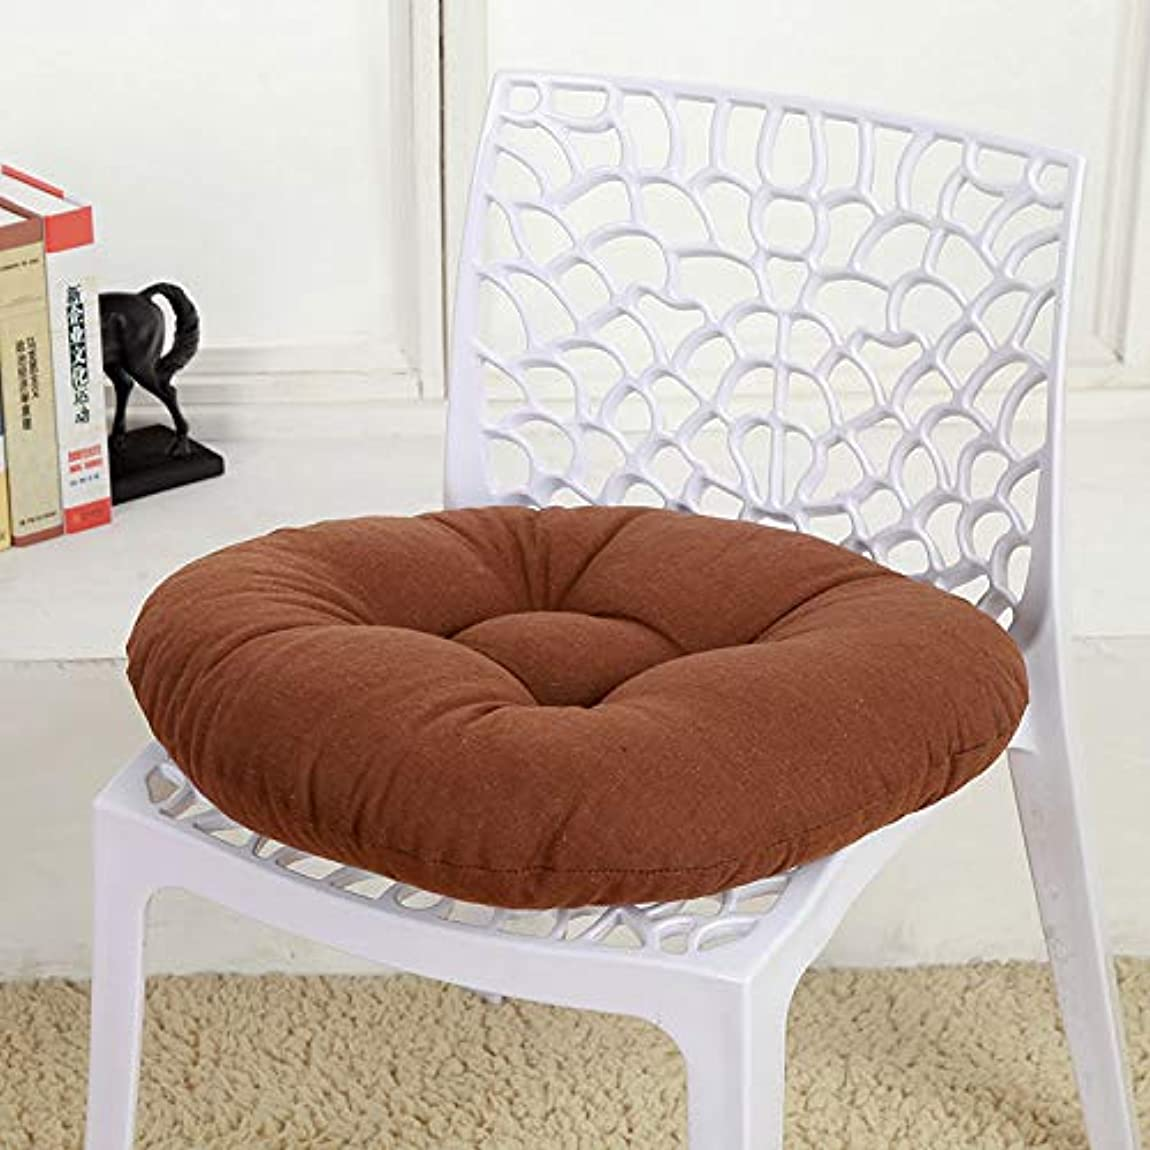 身元信念桁SMART キャンディカラーのクッションラウンドシートクッション波ウィンドウシートクッションクッション家の装飾パッドラウンド枕シート枕椅子座る枕 クッション 椅子